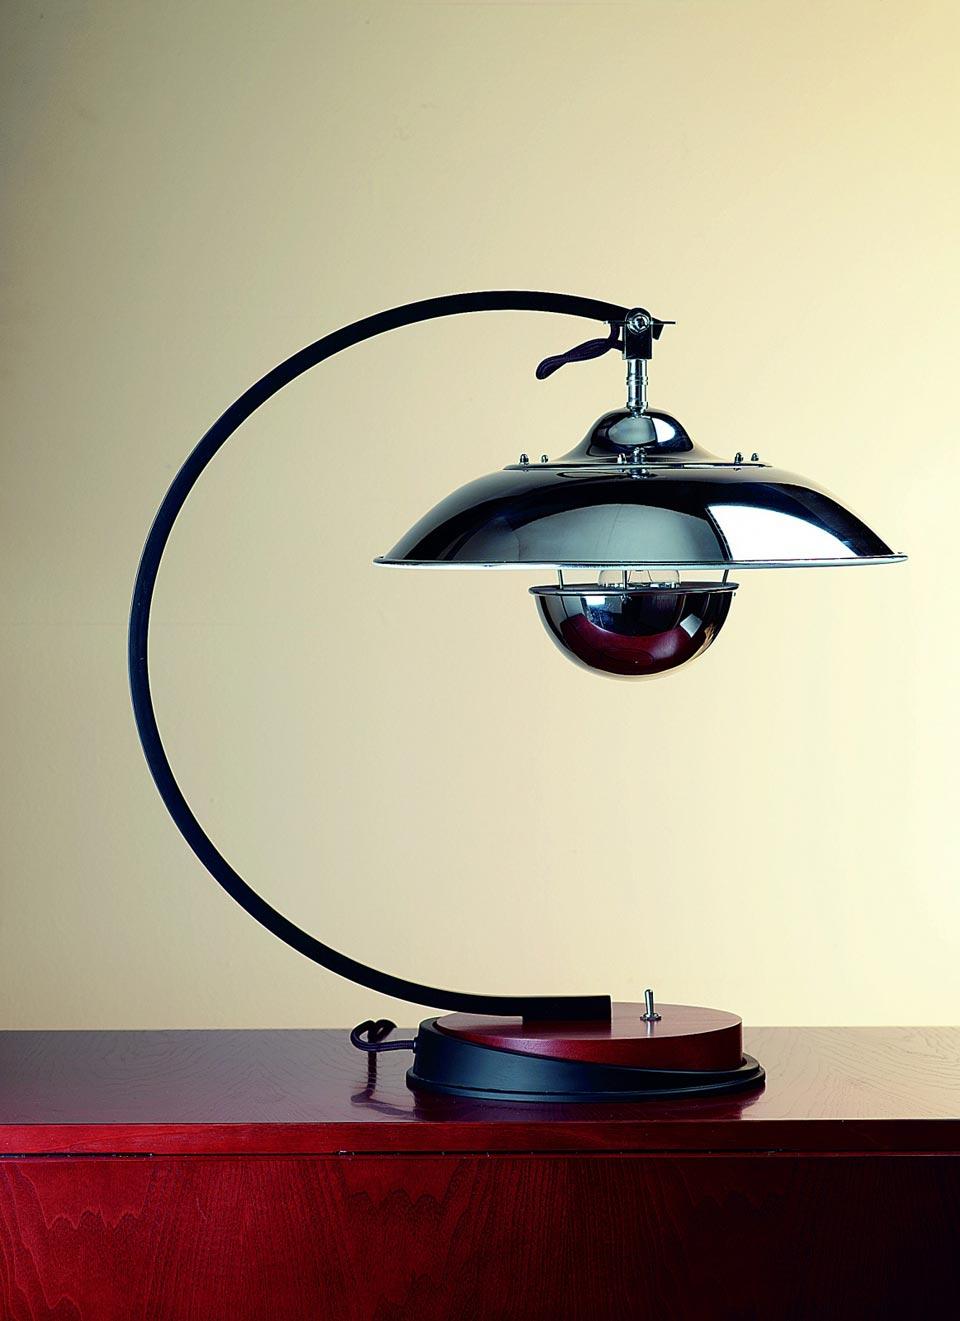 Lampe de bureau avec un bouclier chromé et un socle en bois précieux